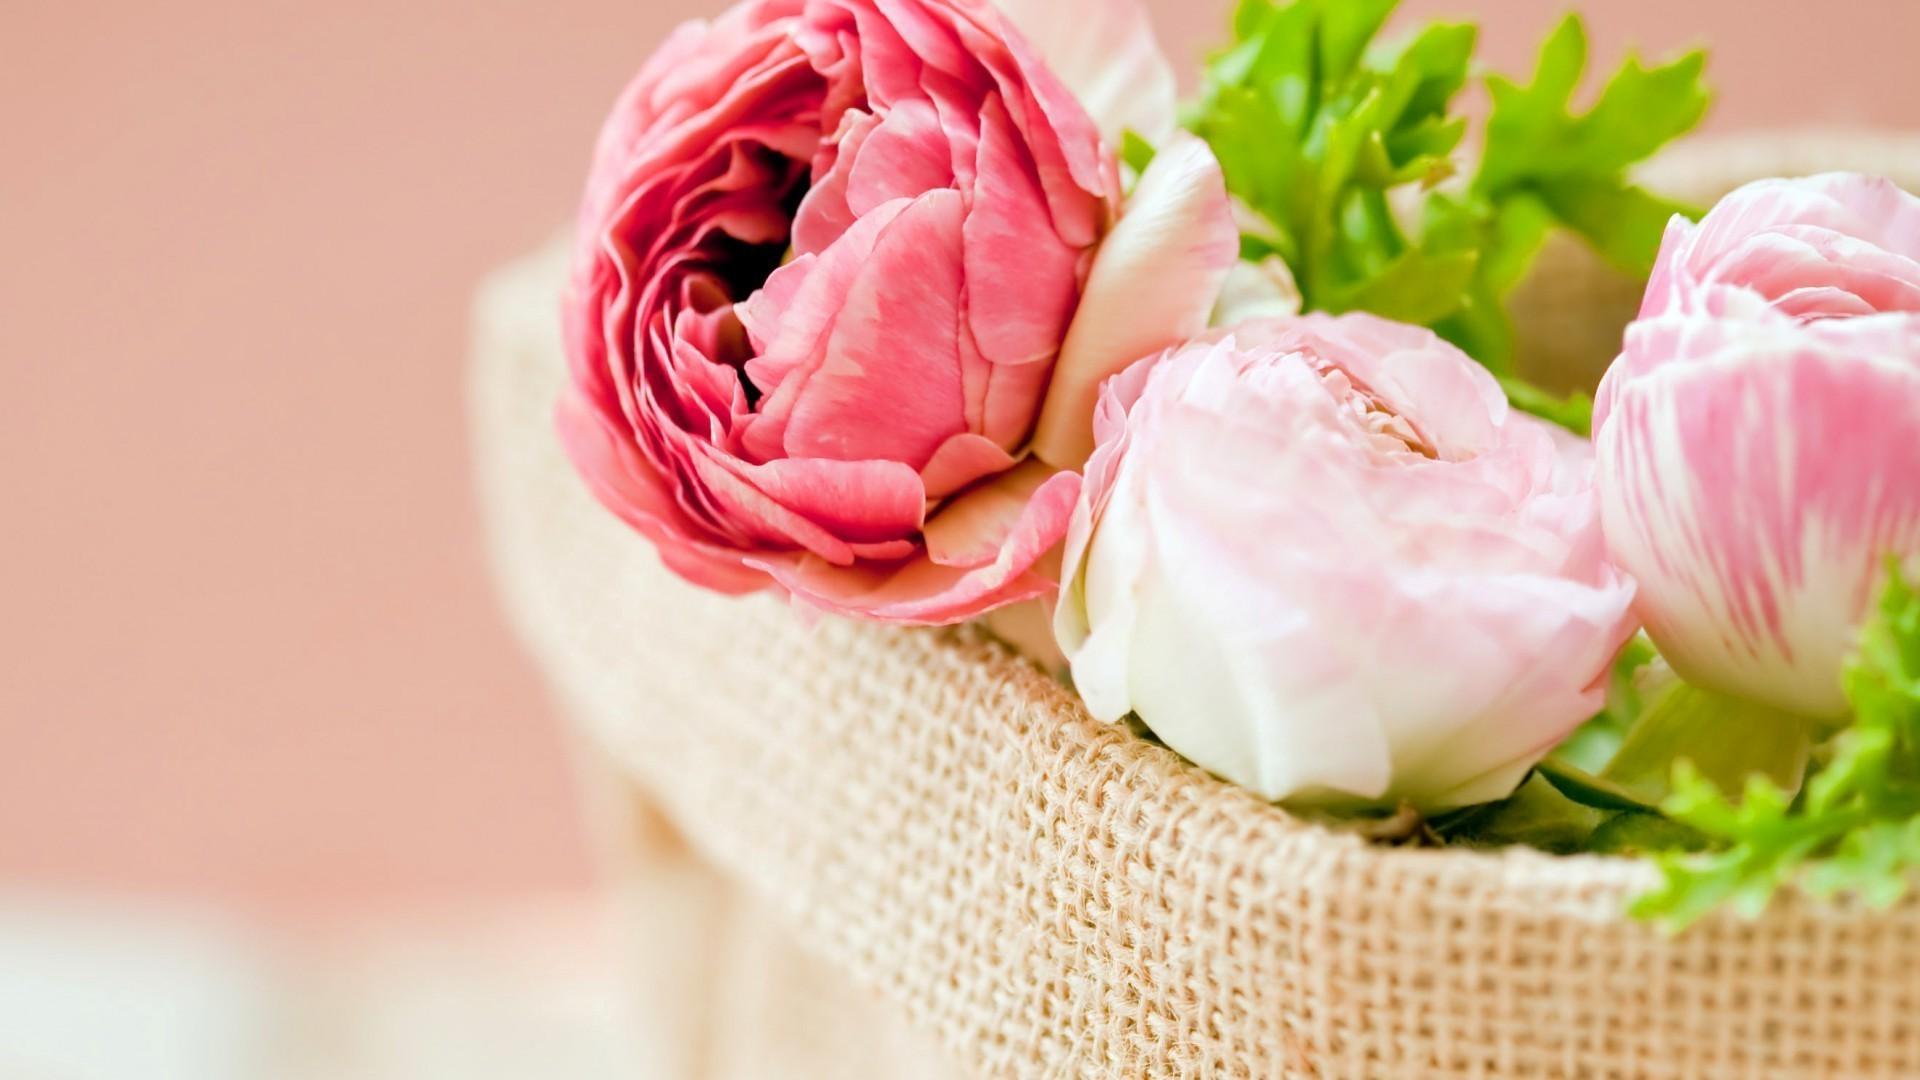 Сделать, красивые цветы картинки на рабочий стол